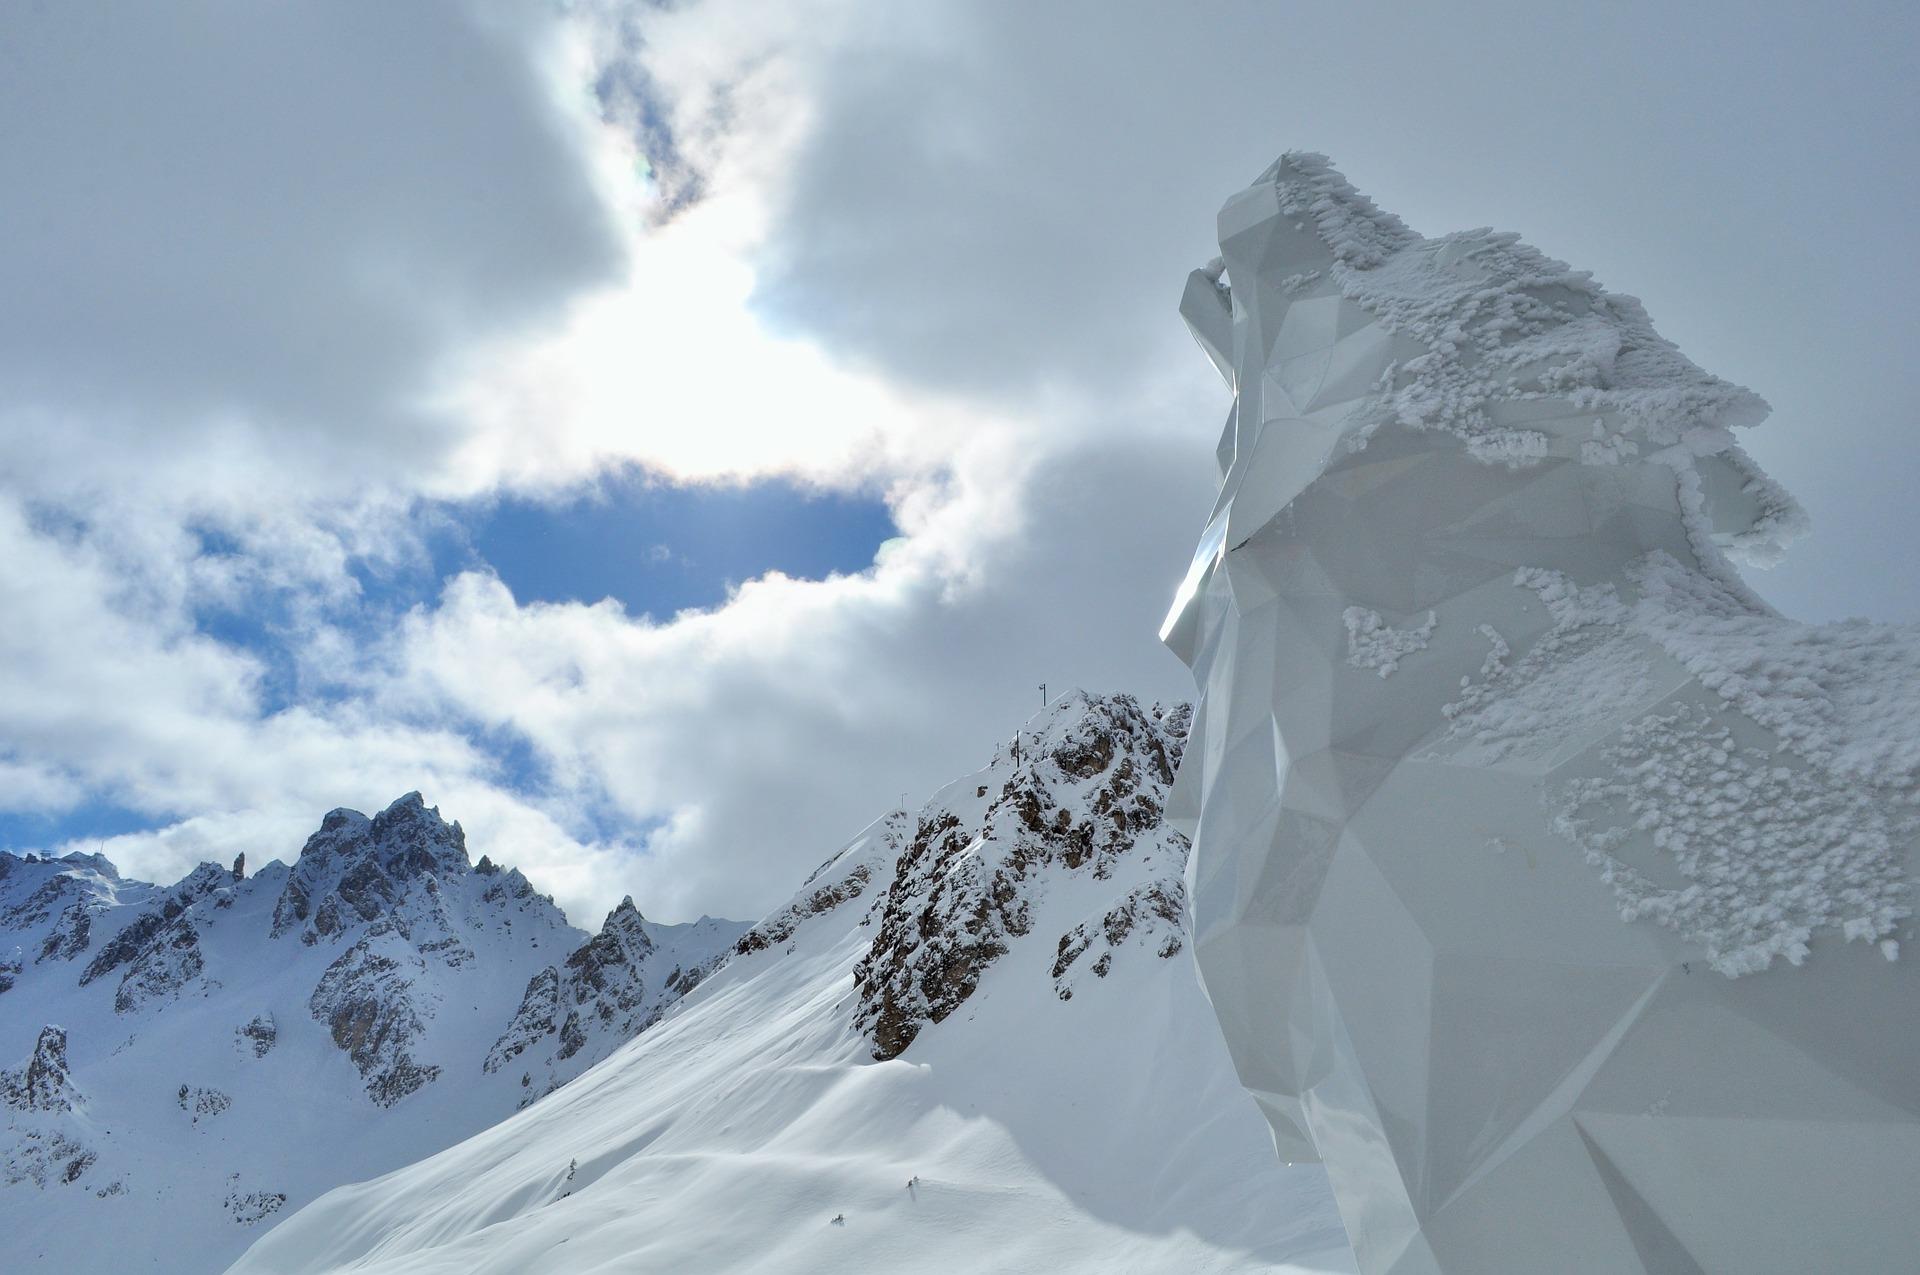 Meribel Ski Resort SkiBookings.com